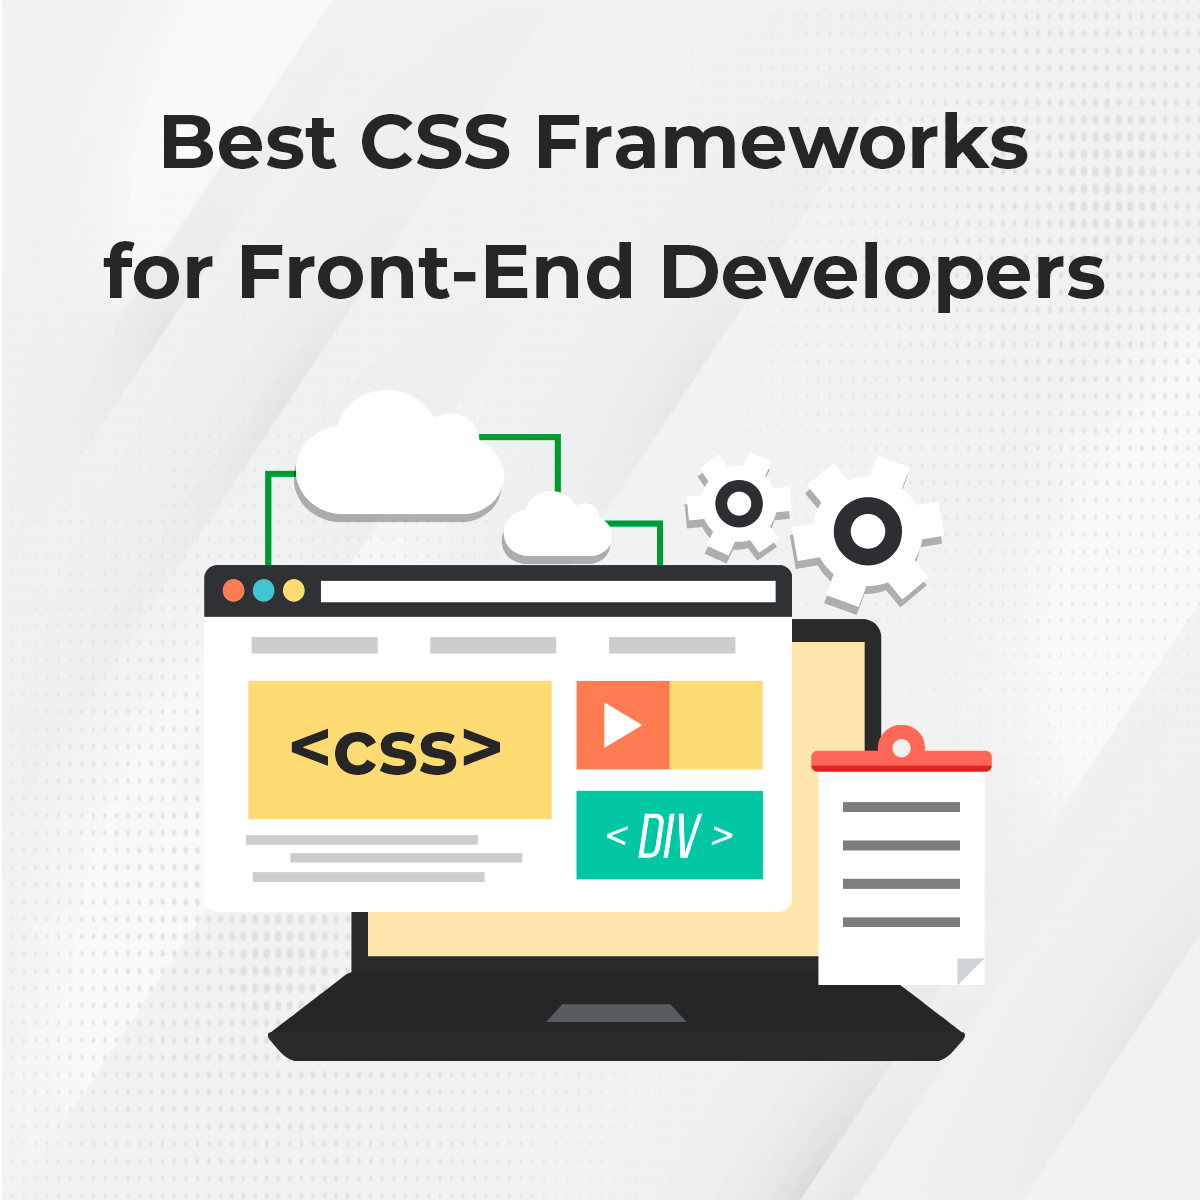 Best CSS Frameworks for Front-End Developers